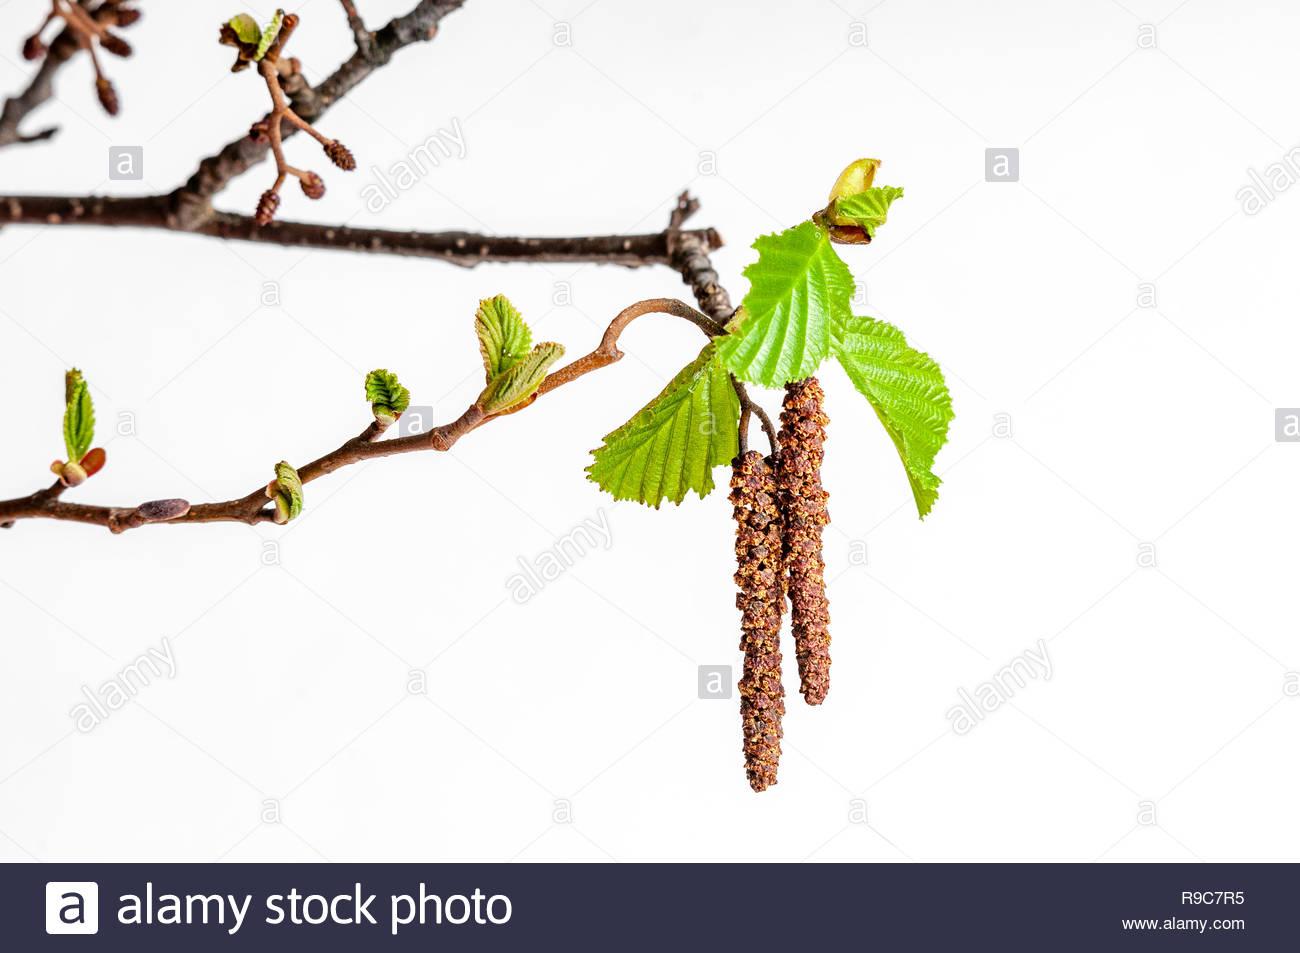 Junger Trieb einer Erle. Diese Pflanze ist ein Frühblüher. - Stock Image